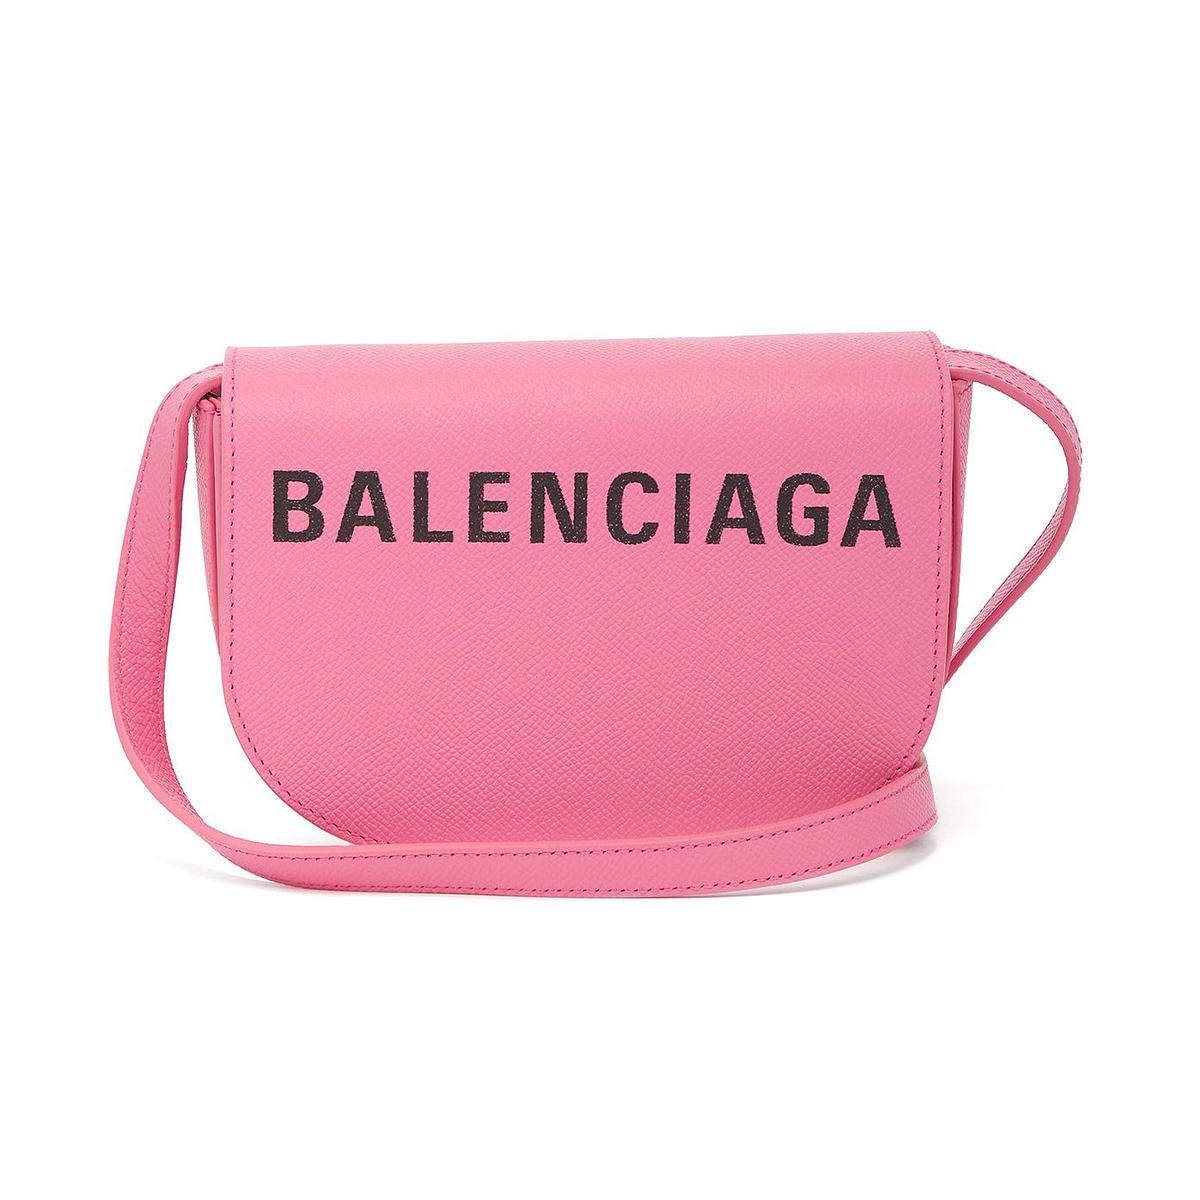 balenciaga-pink-bag